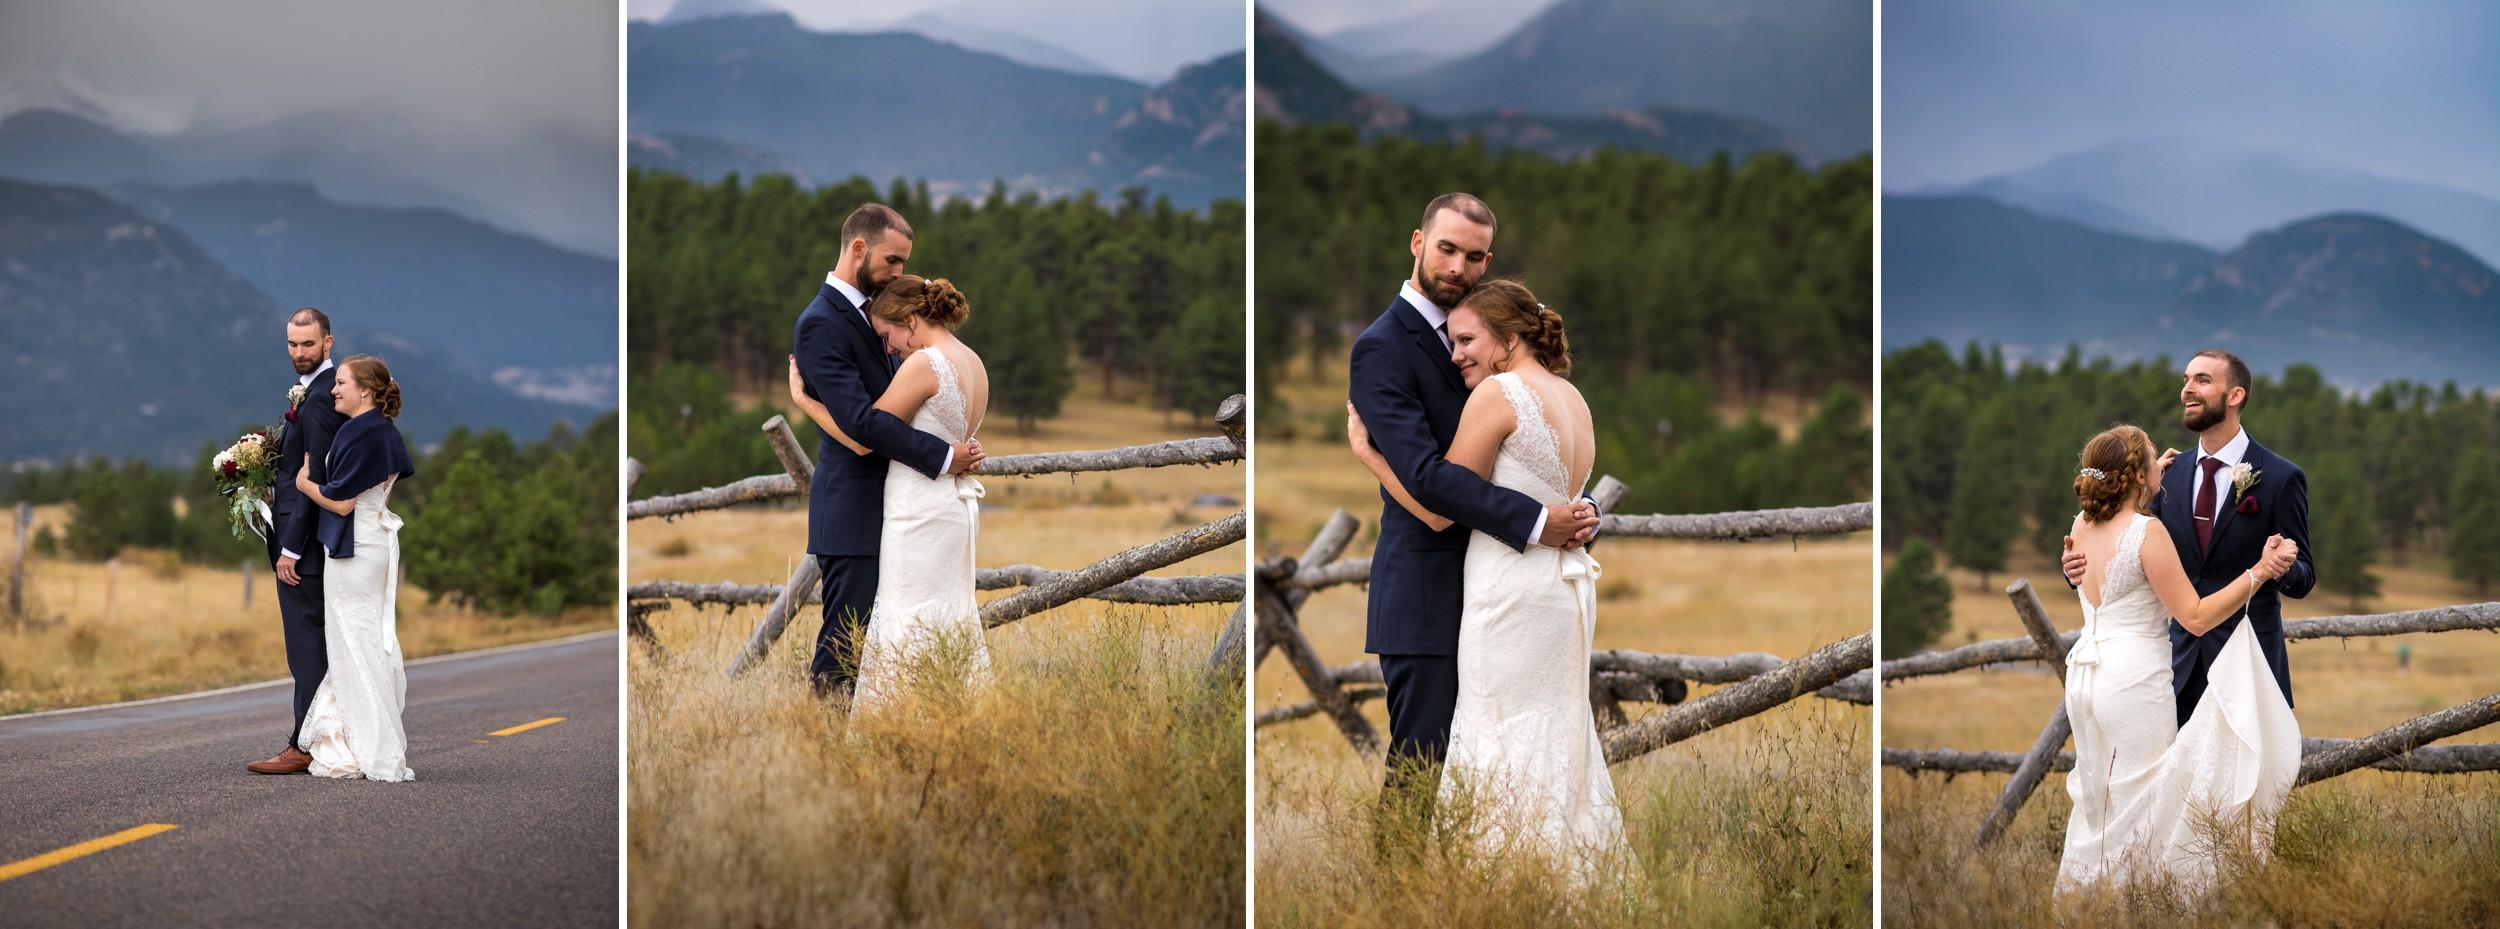 Stanley_Hotel_Estes_Park_Colorado_Wedding_Kristopher_Lindsay_ 9.jpg